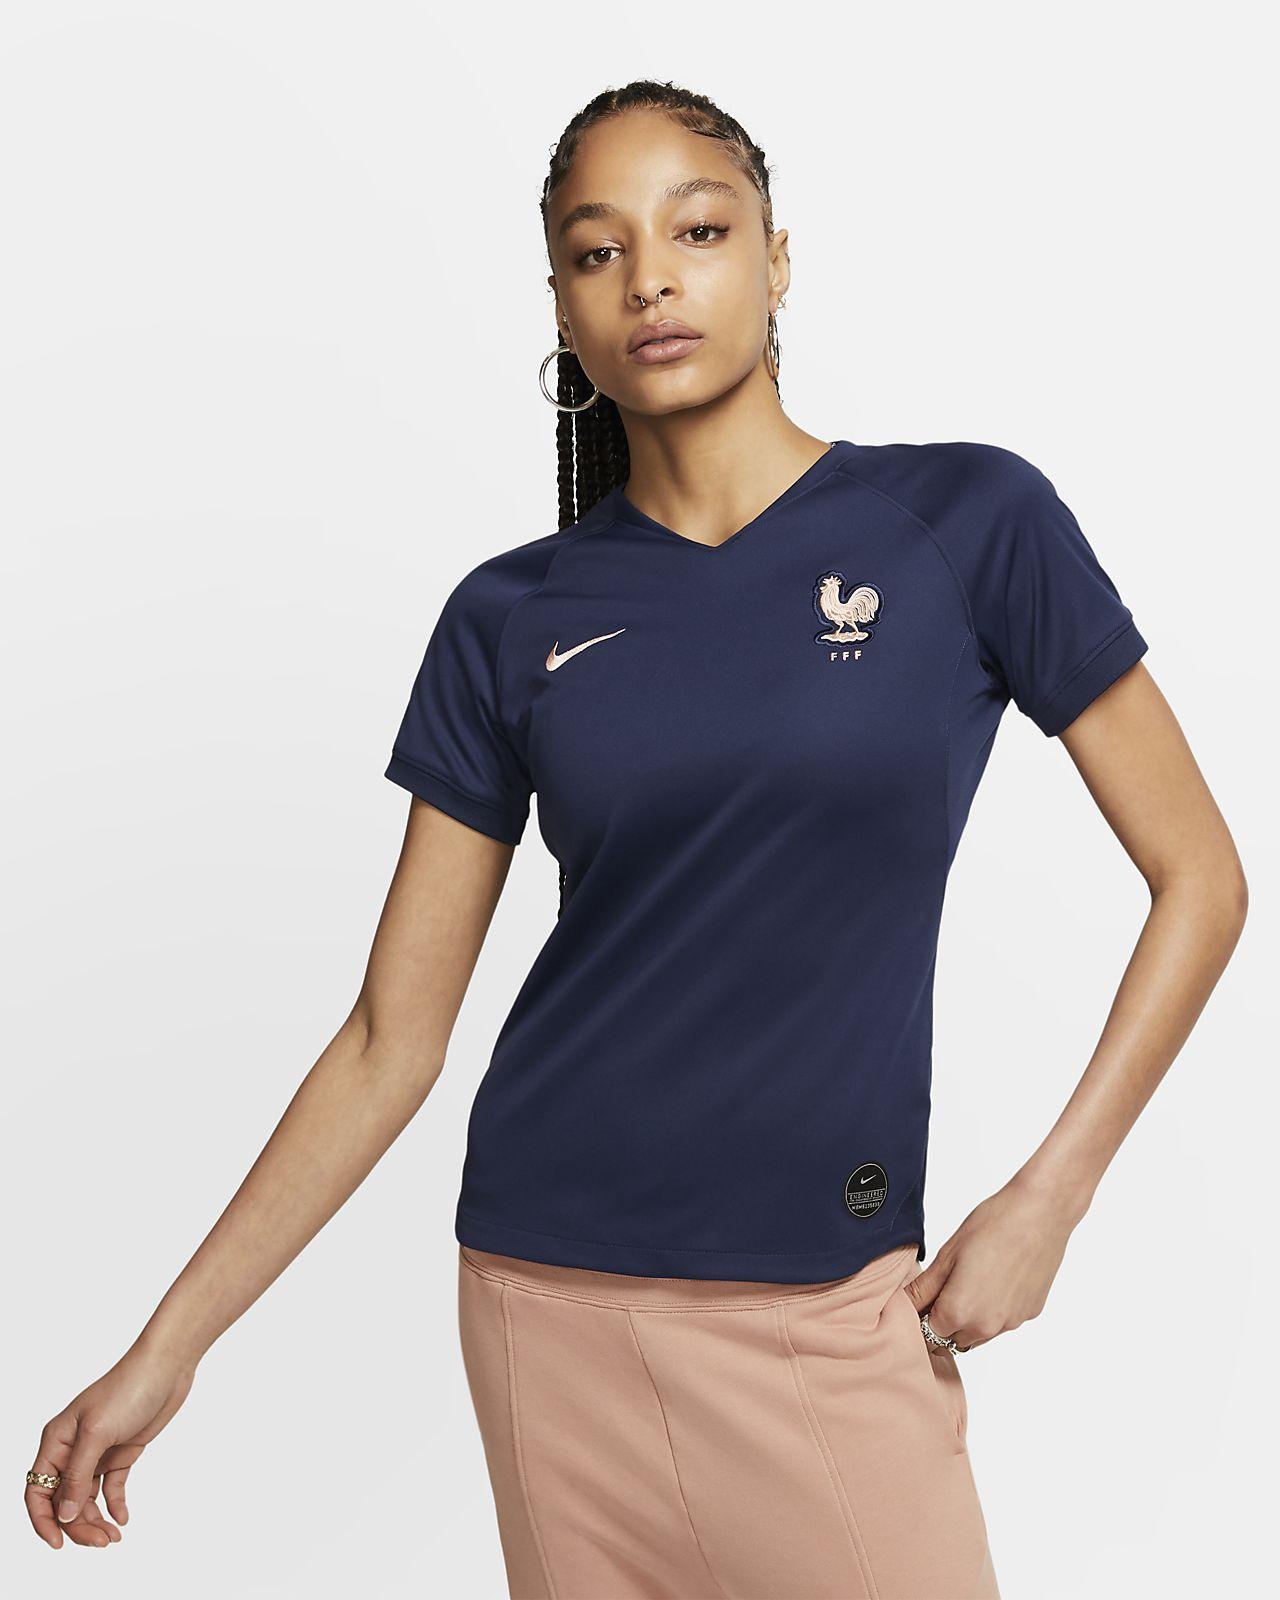 フランス FFF 2019 スタジアム ホーム ウィメンズ サッカーユニフォーム